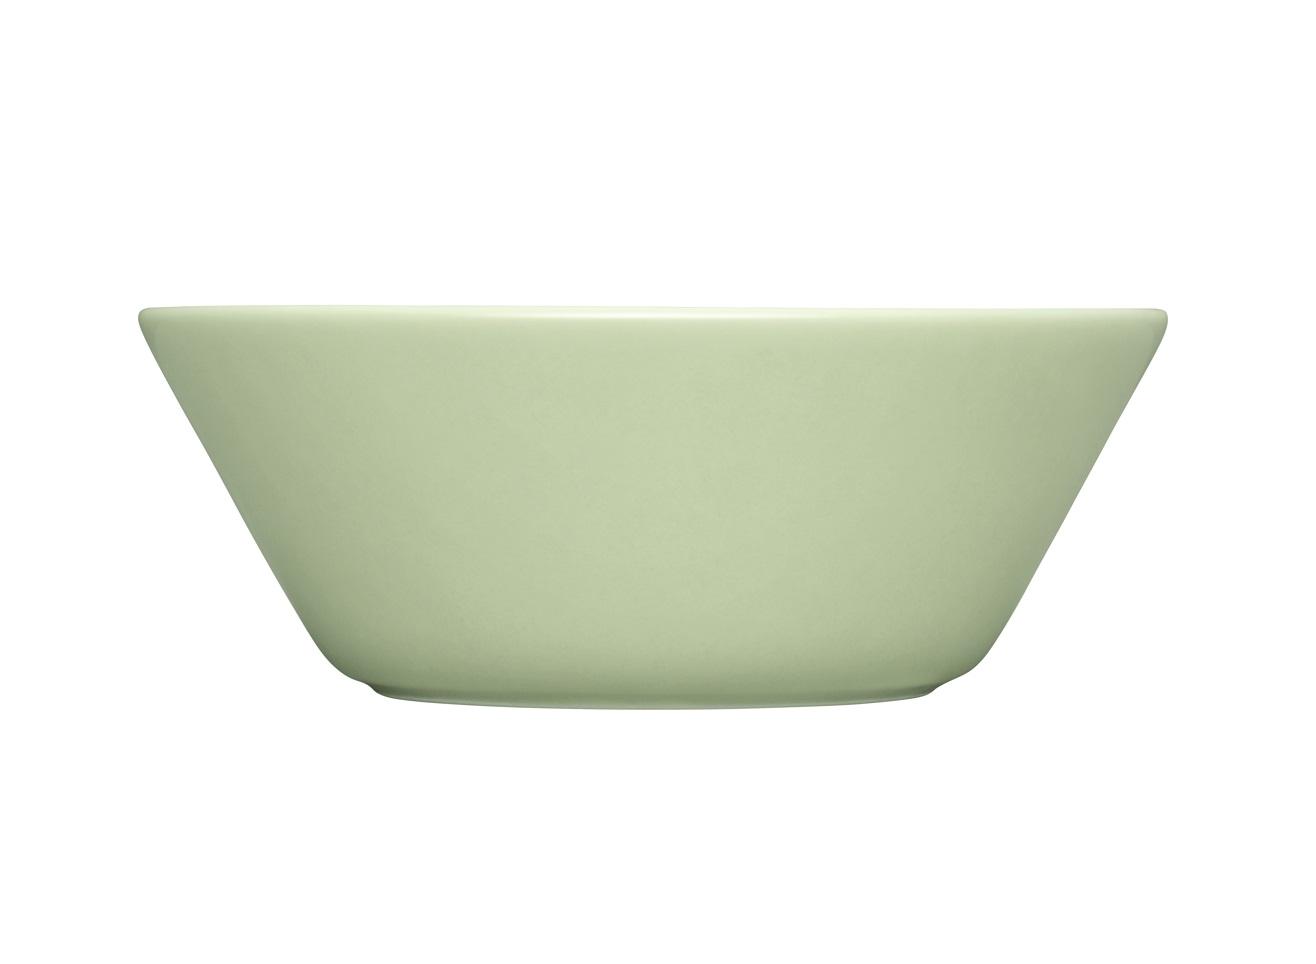 Чаша TeemaМиски и чаши<br>Teema - это классика дизайна Iittala, каждый продукт имеет чёткие геометрические формы: круг, квадрат и прямоугольник. Как говорит Кай Франк: «Цвет является единственным украшением». Посуда серии Teema является универсальной, её можно комбинировать с любой серией Iittala. Она практична и лаконична.<br><br>Material: Фарфор<br>Length см: None<br>Width см: None<br>Depth см: None<br>Height см: 5<br>Diameter см: 14